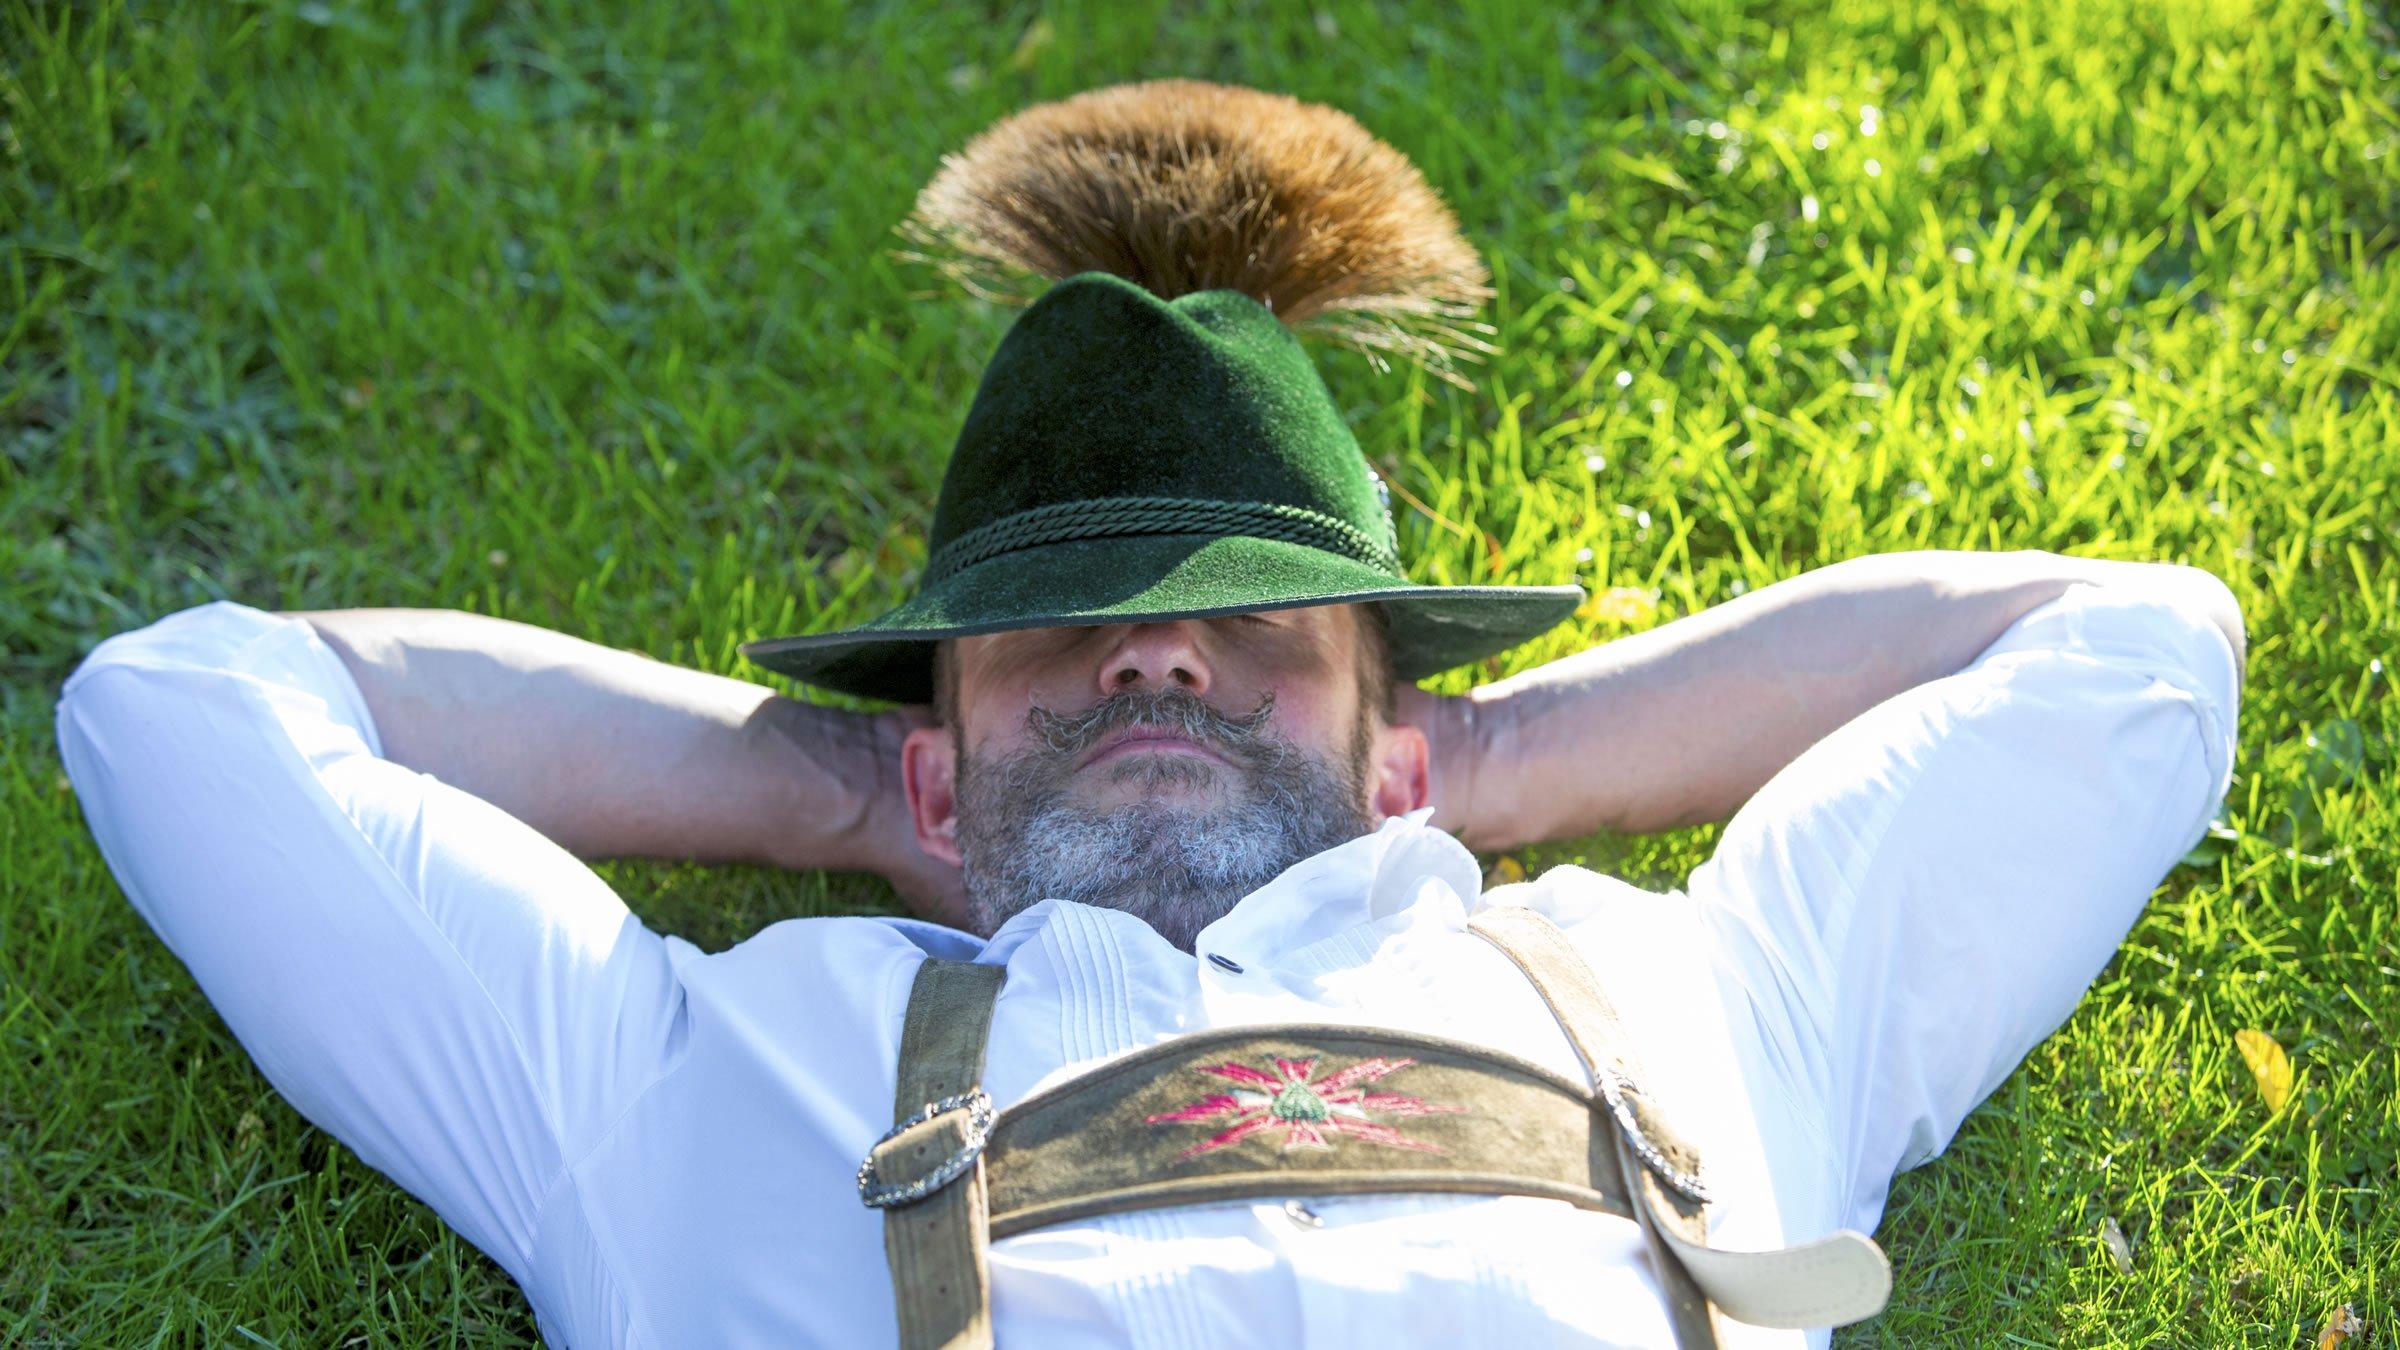 Sombrero con un Gamsbart  accesorio tradicional de los hombres alemanes 498a497d8ce